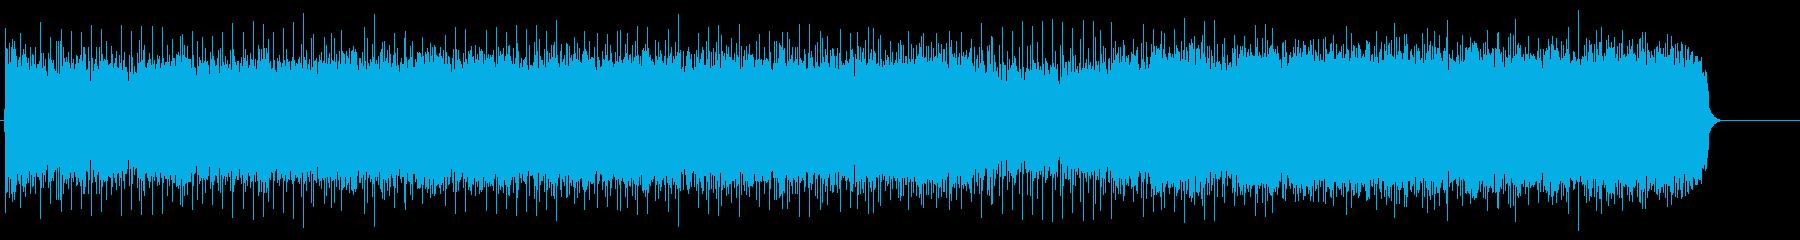 躍動感とスピード感の溢れる曲の再生済みの波形